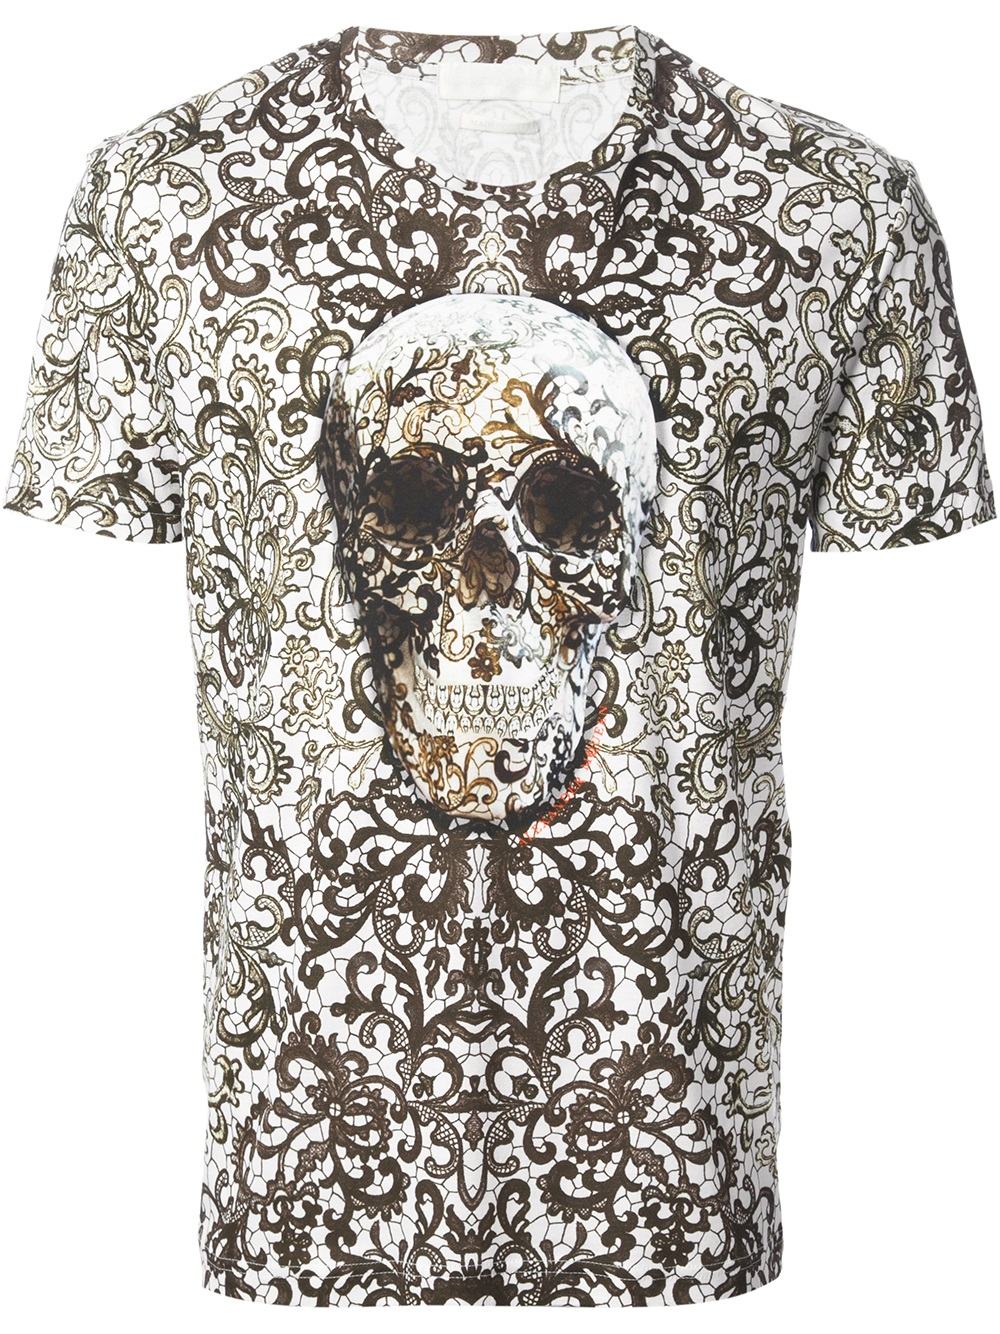 237c0becd Alexander McQueen Baroque Skull Print Tshirt in White for Men - Lyst